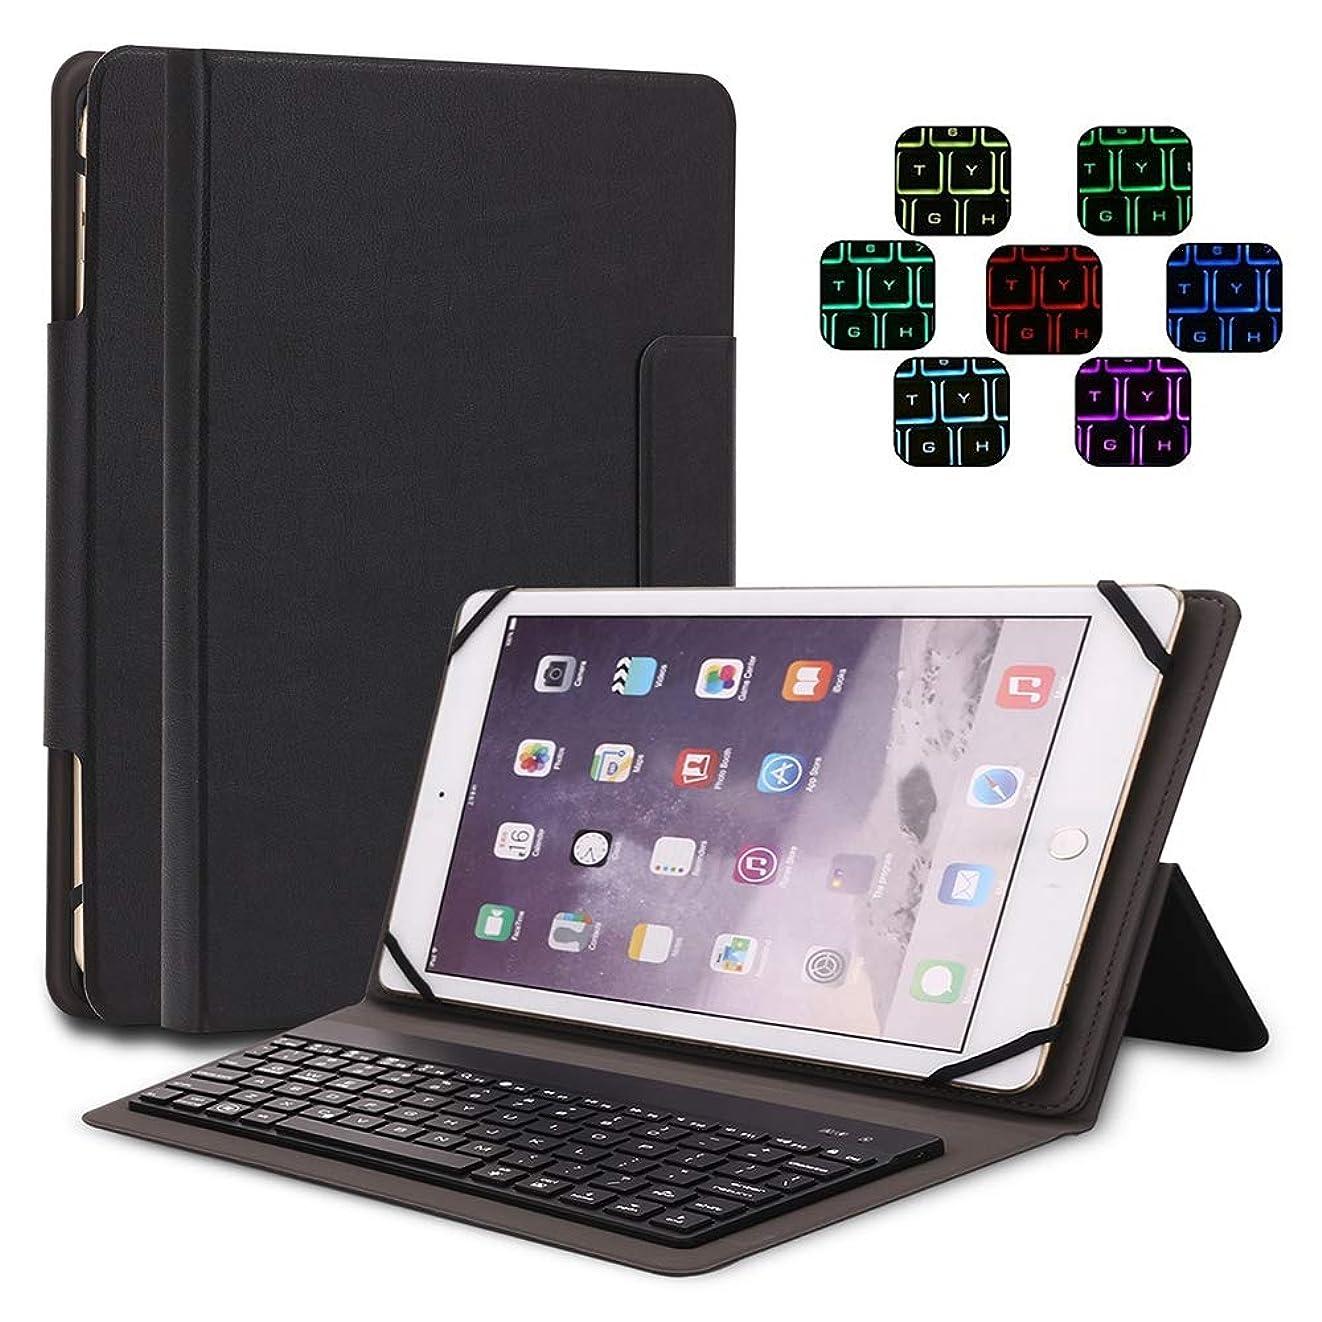 帆出版岸タブレットのキーボードの場合、無線 Bluetooth のキーボードの場合、iPad 9.0 インチのための取り外し可能な Bluetooth のキーボードが付いている超薄型の充電式キーボード